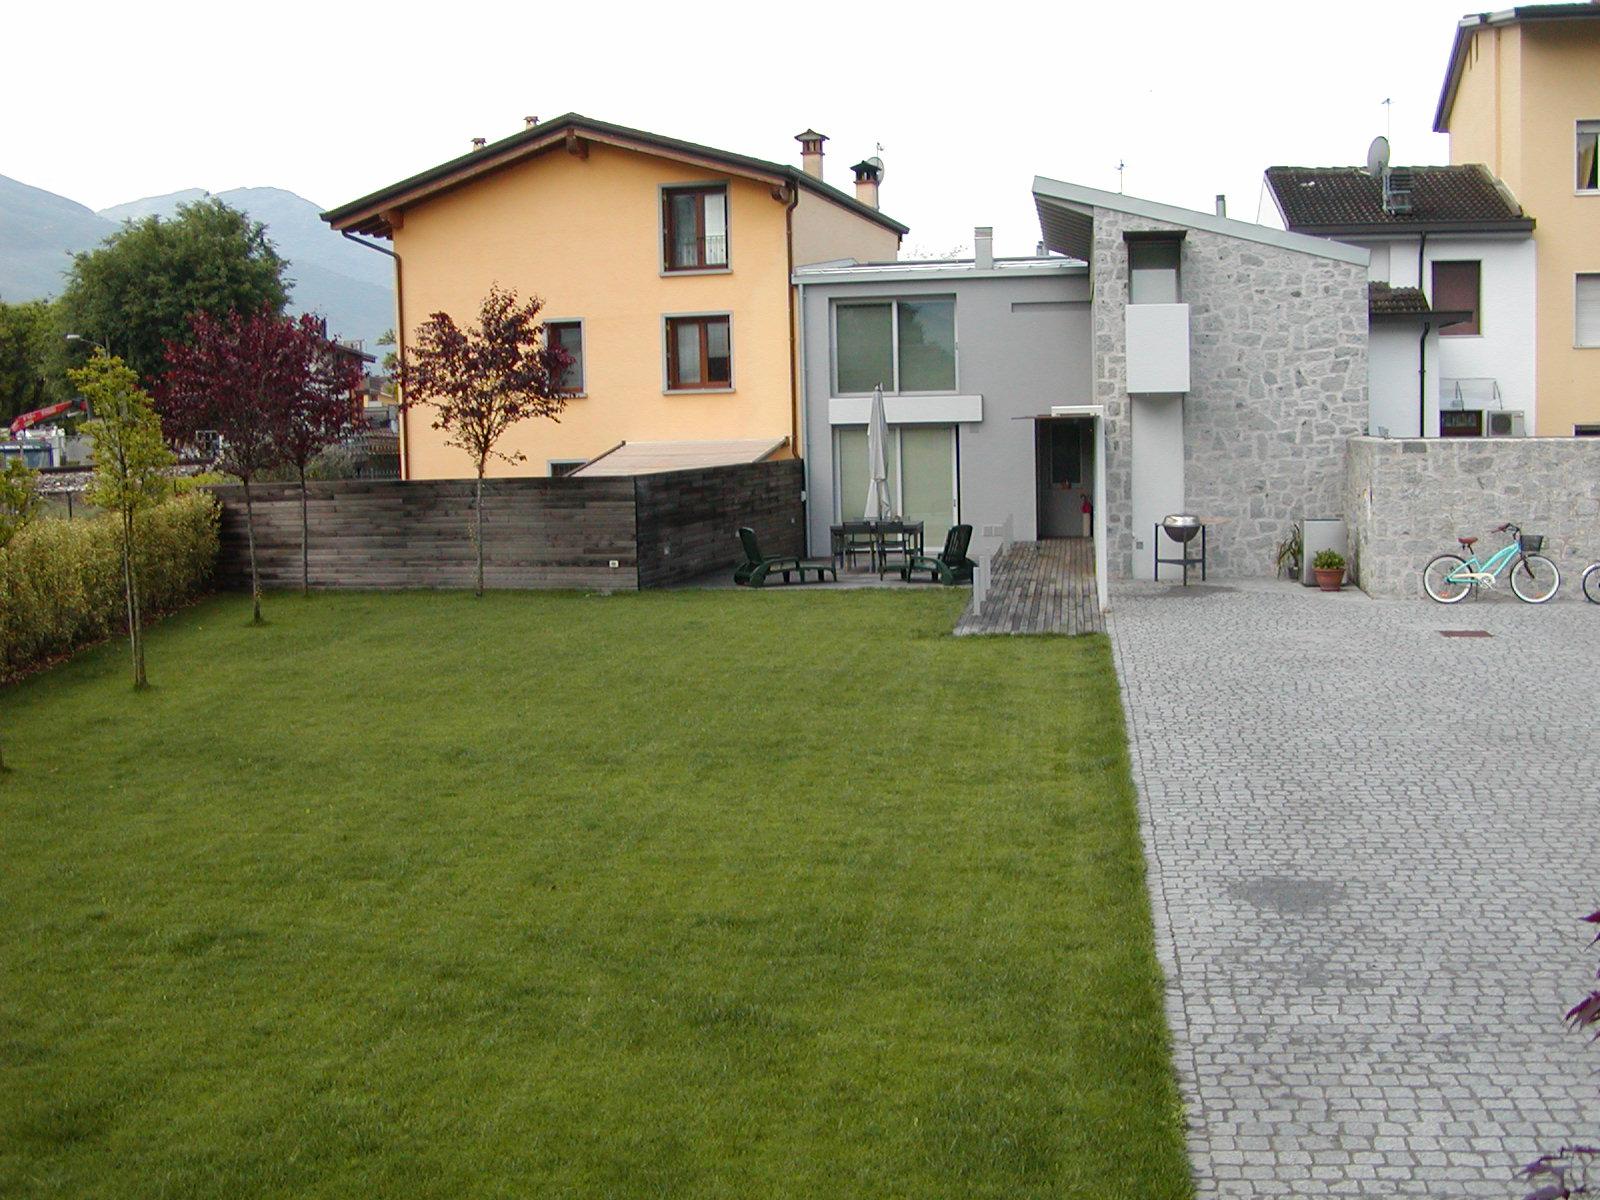 Studio-di-architettura-Baisotti-Sigala-prgetti101